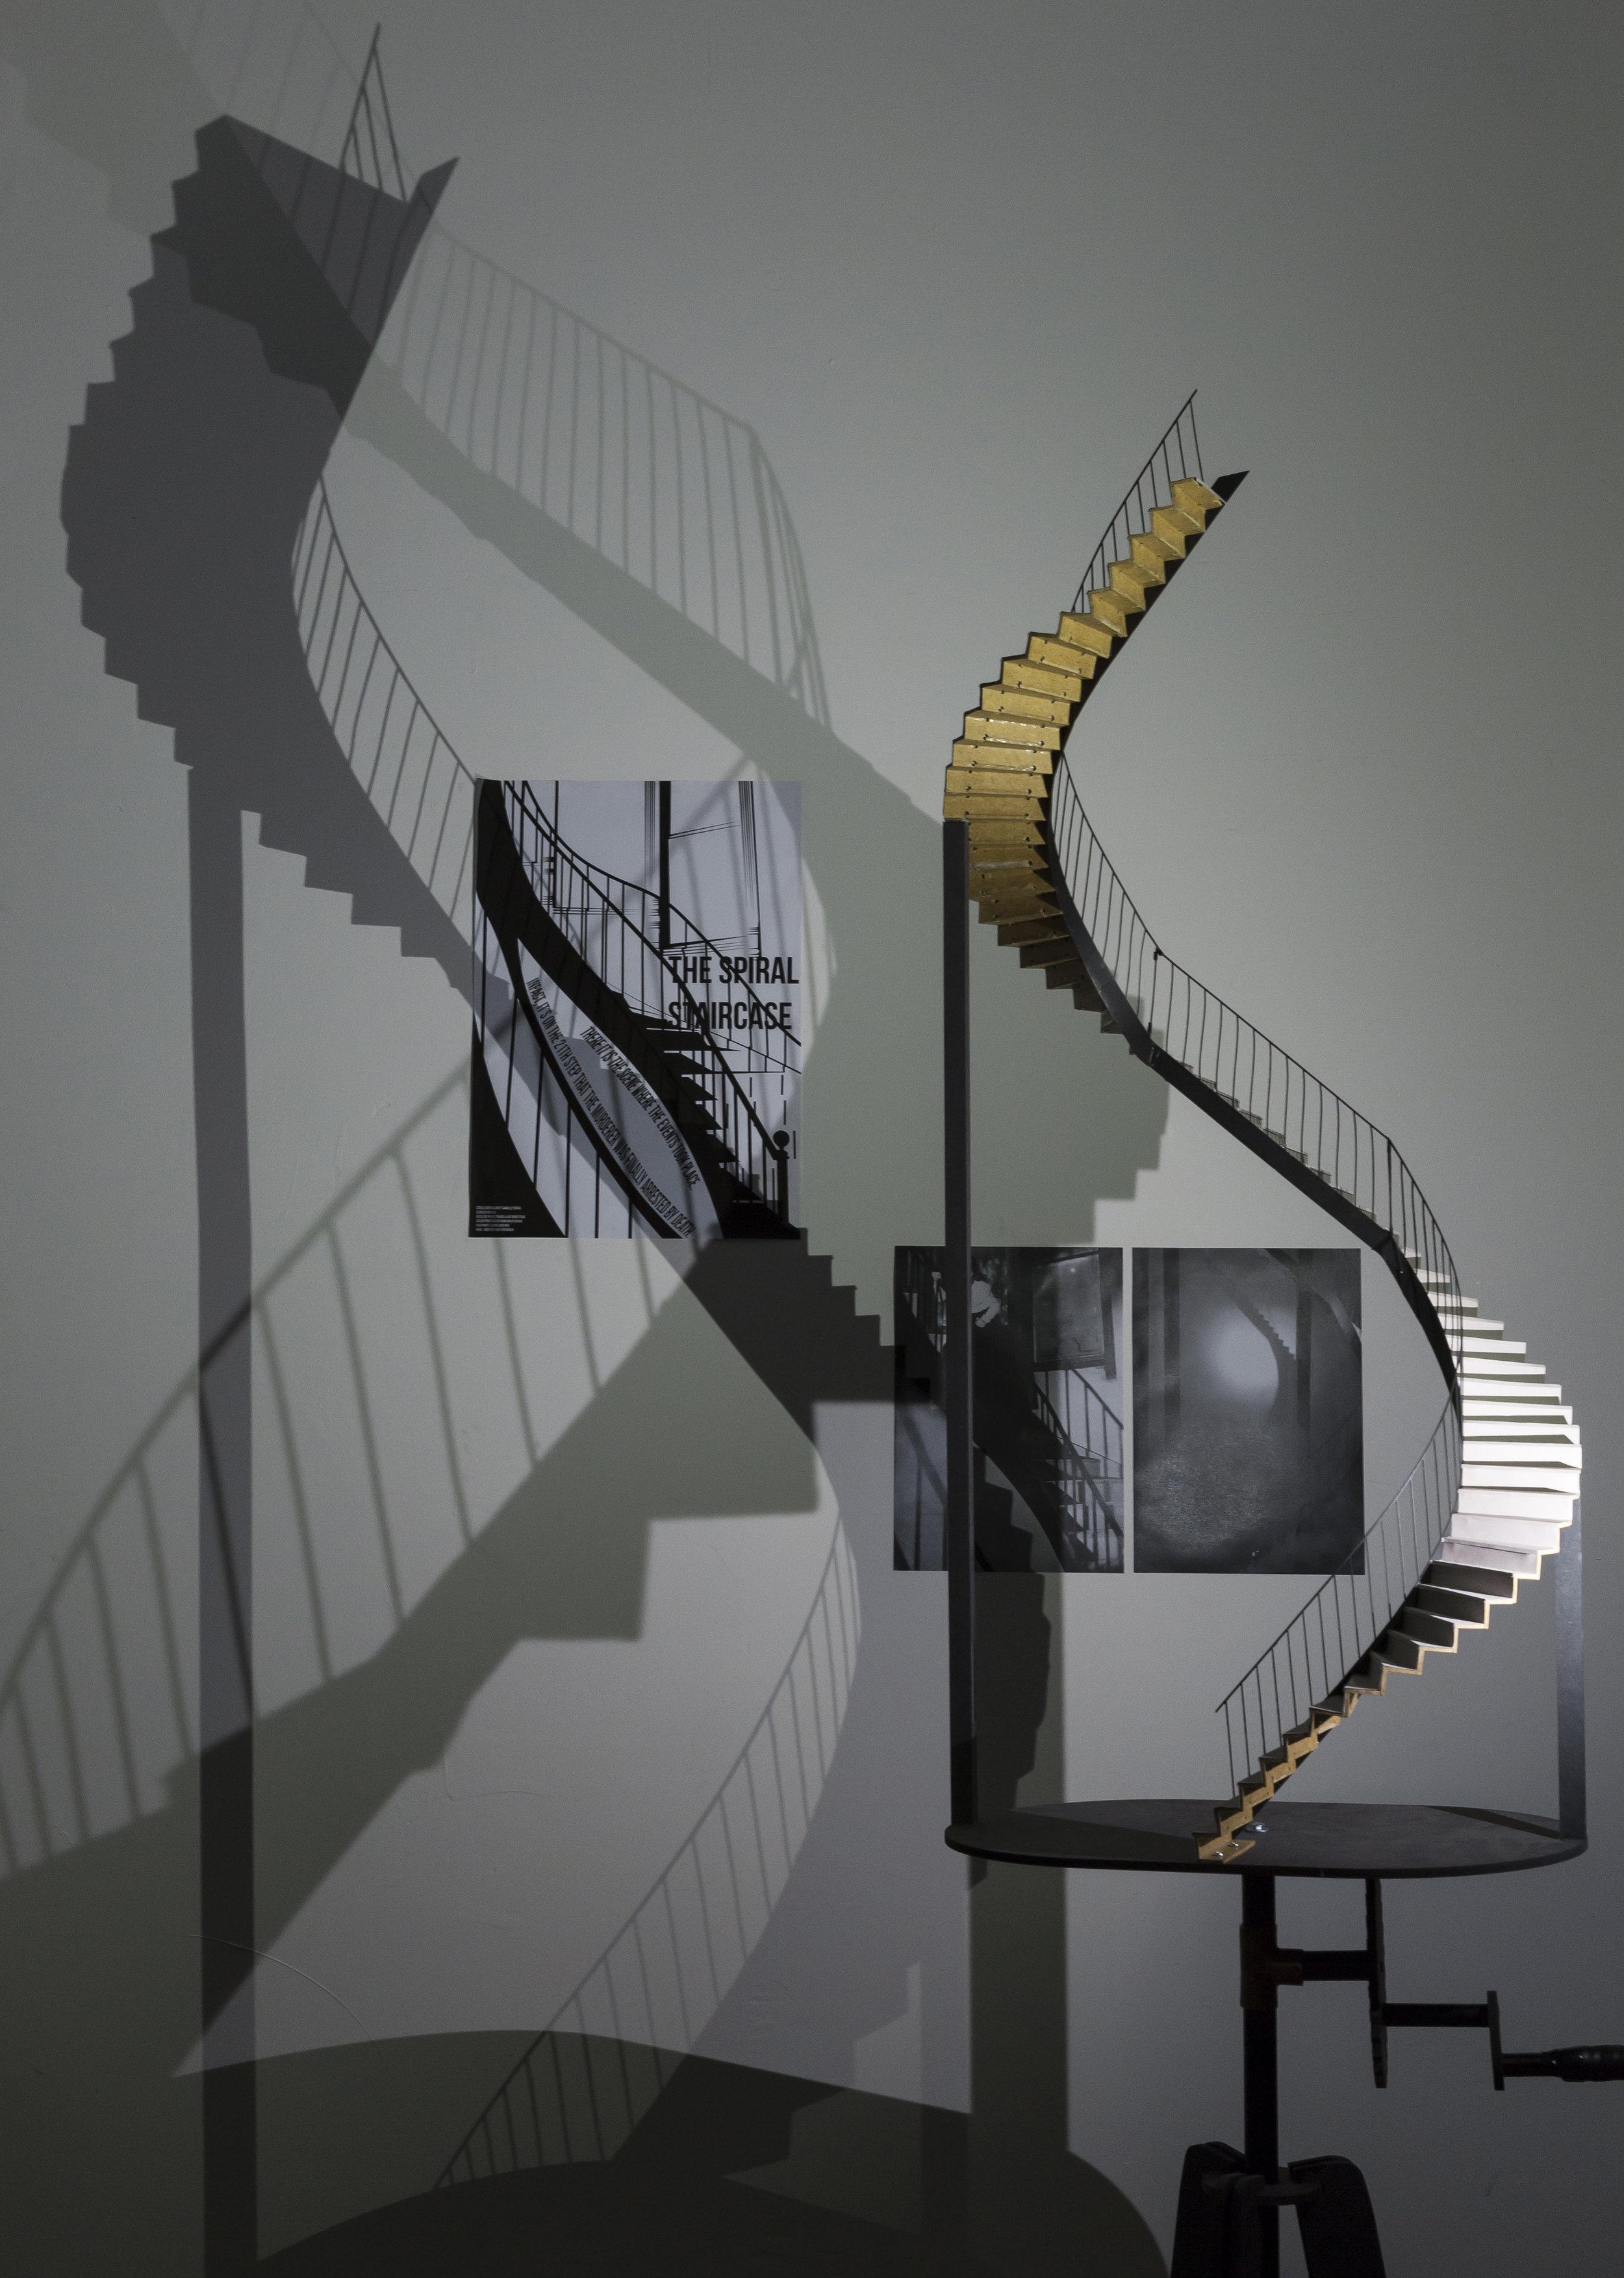 Projet  Scene de menage outils de la vie domestique.Machines a voir; Atelier de Youri Kravchenko; Projet d' Estelle Beroujon et Camille Berra (6).jpg